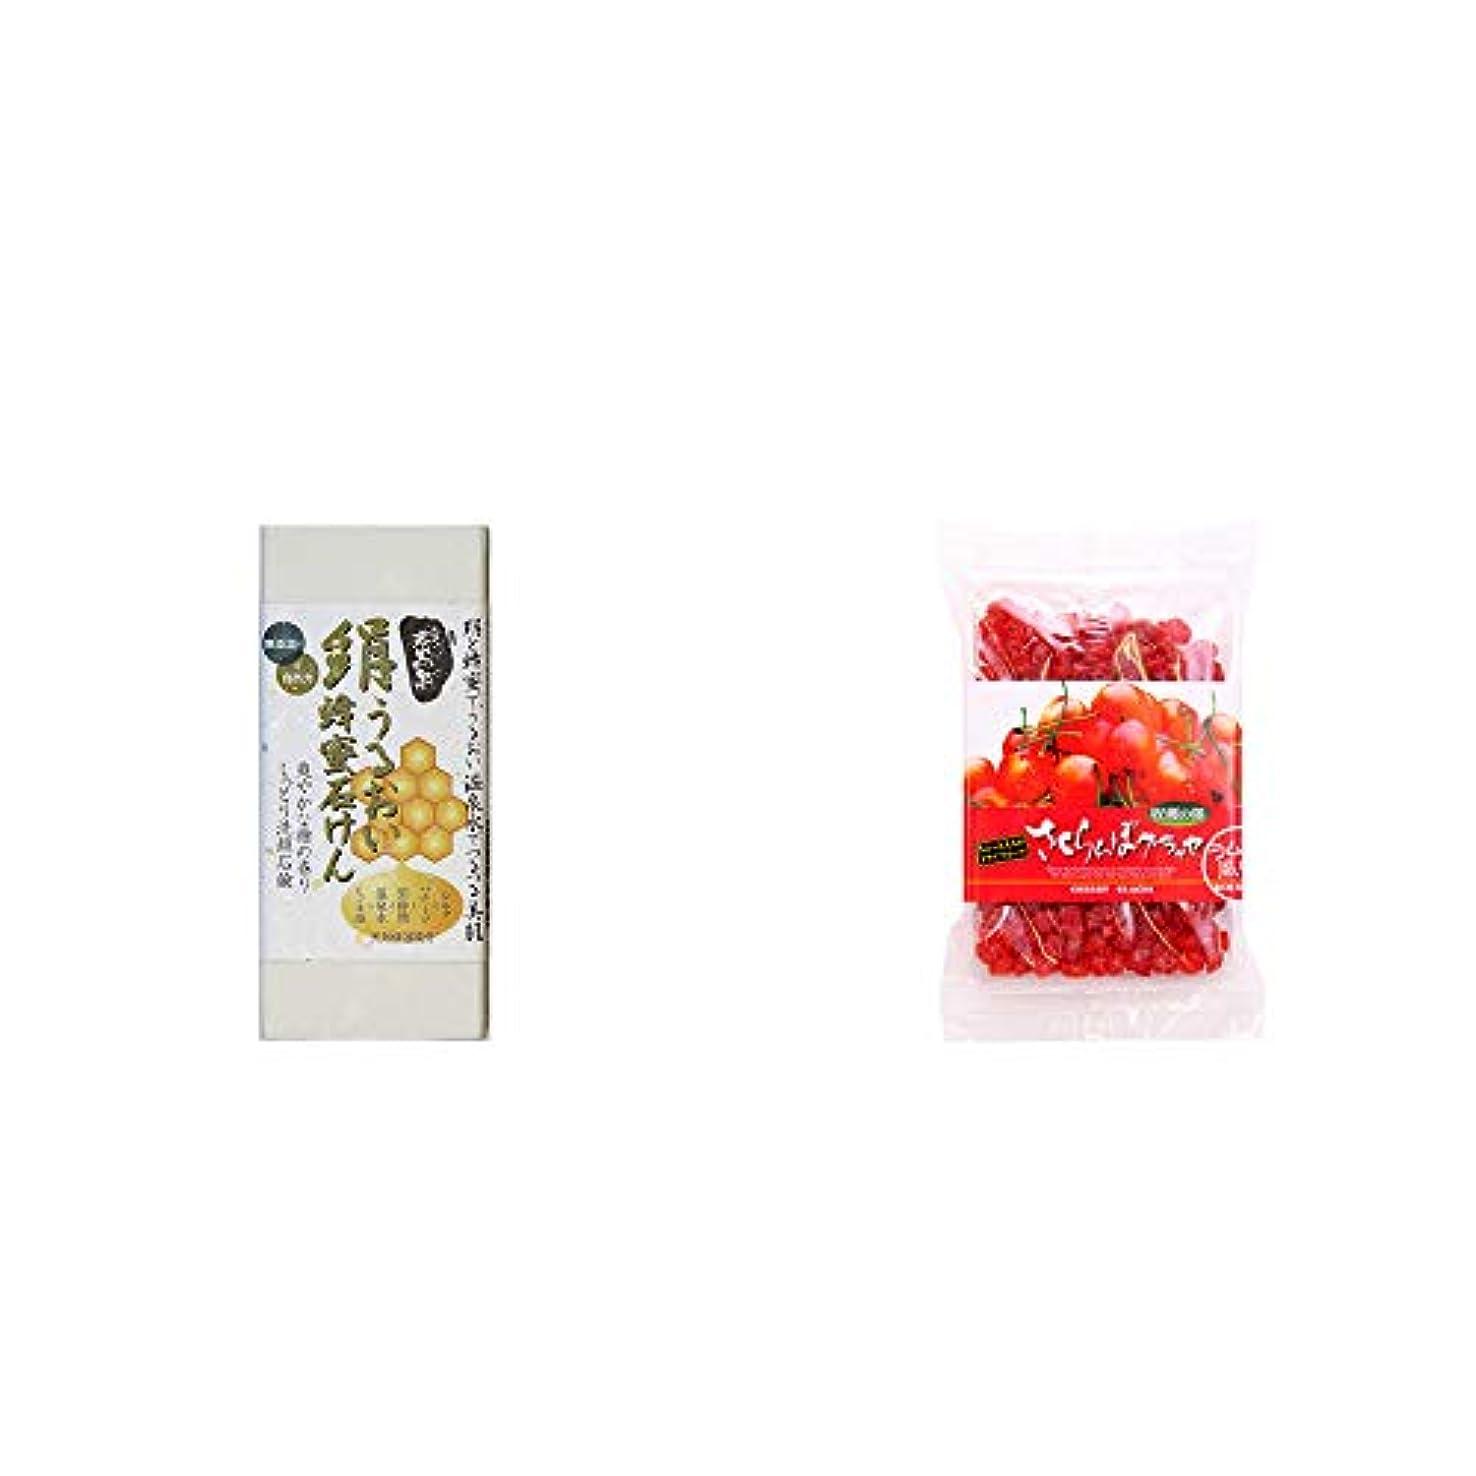 デコードする温帯ジョージバーナード[2点セット] ひのき炭黒泉 絹うるおい蜂蜜石けん(75g×2)?収穫の朝 さくらんぼグラッセ ラム酒風味(180g)